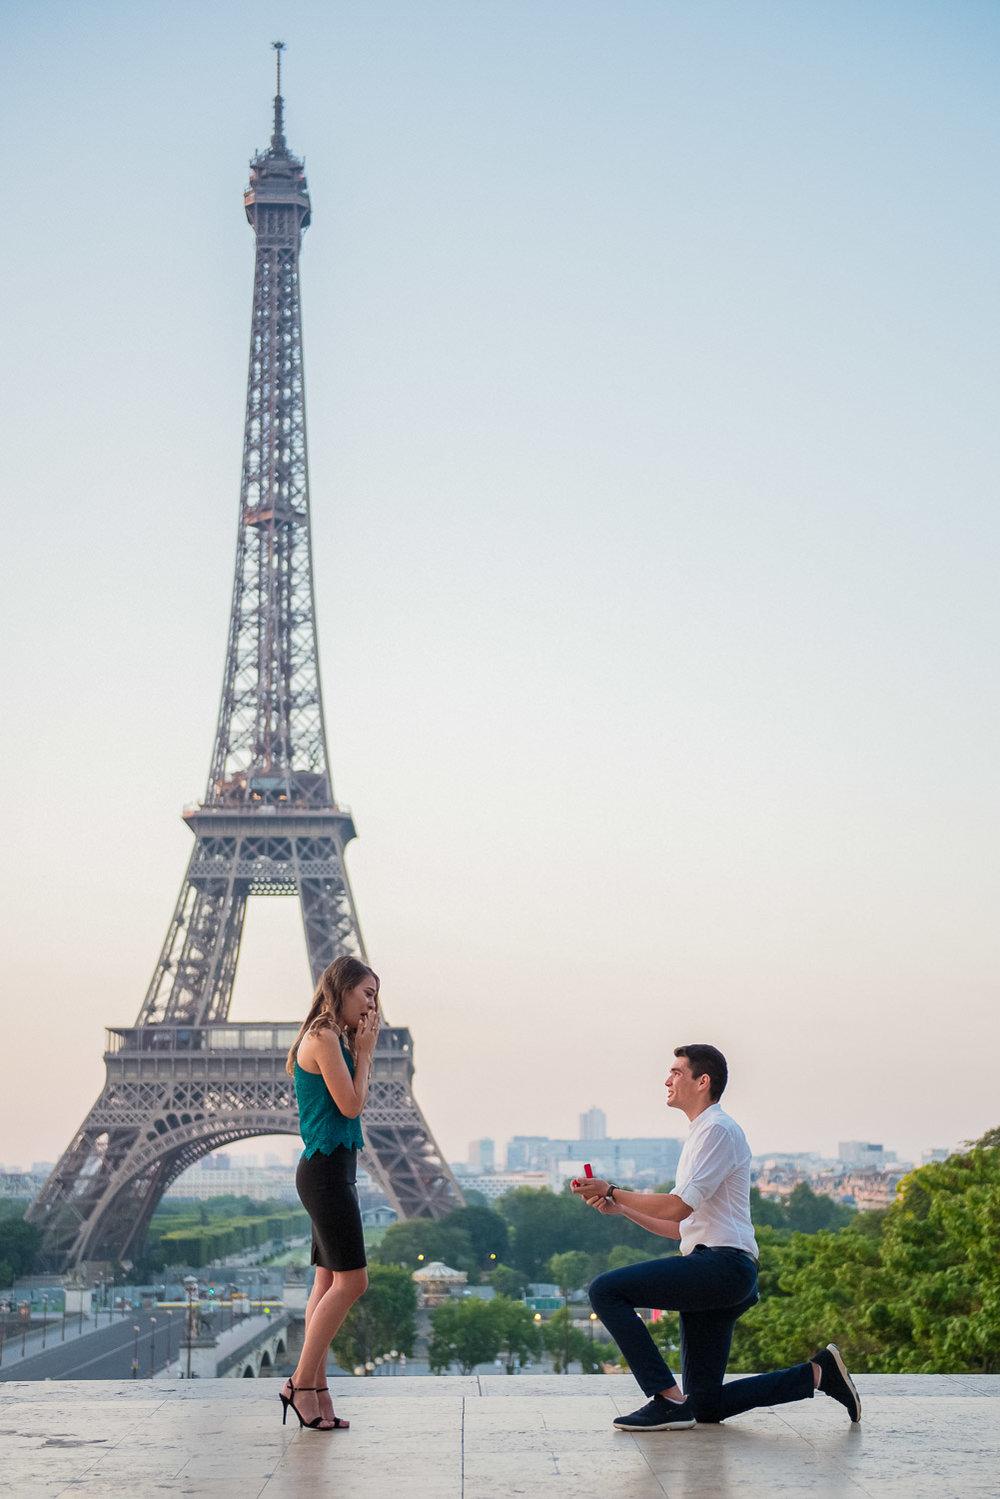 Paris sunrise surprise proposal session for Andrei & Daniela 28 June 2018-7.jpg